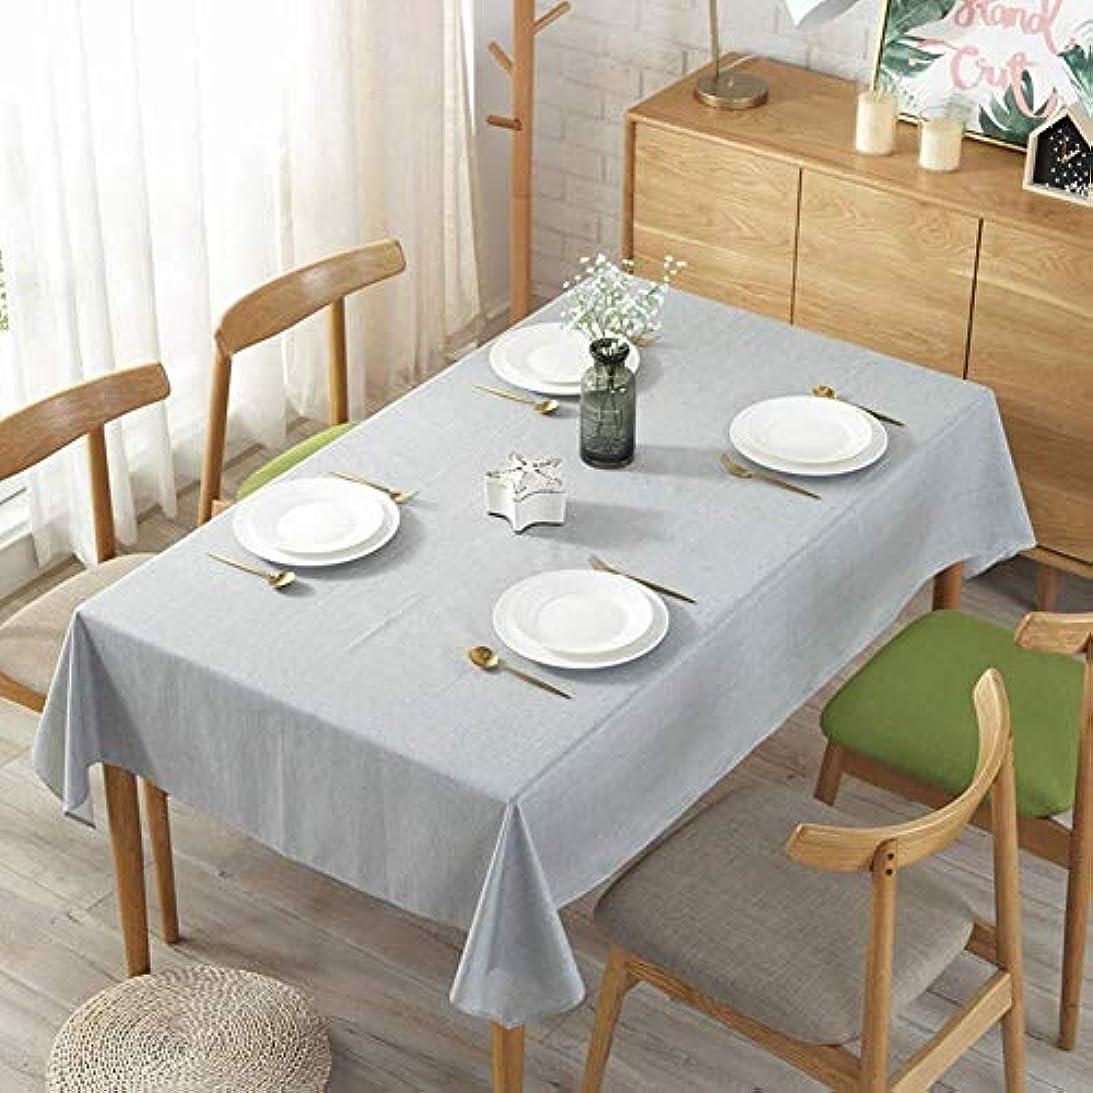 と組むヘロイン悪名高いクリスマス テーブル クロス テーブルクロスは、屋内、屋外に適したクリーンテーブルクロス長方形リネンテーブルカバーソリッドカラー防水?防油テーブルクロスを拭き (Color : Light Grey, Size : 90×140cm)